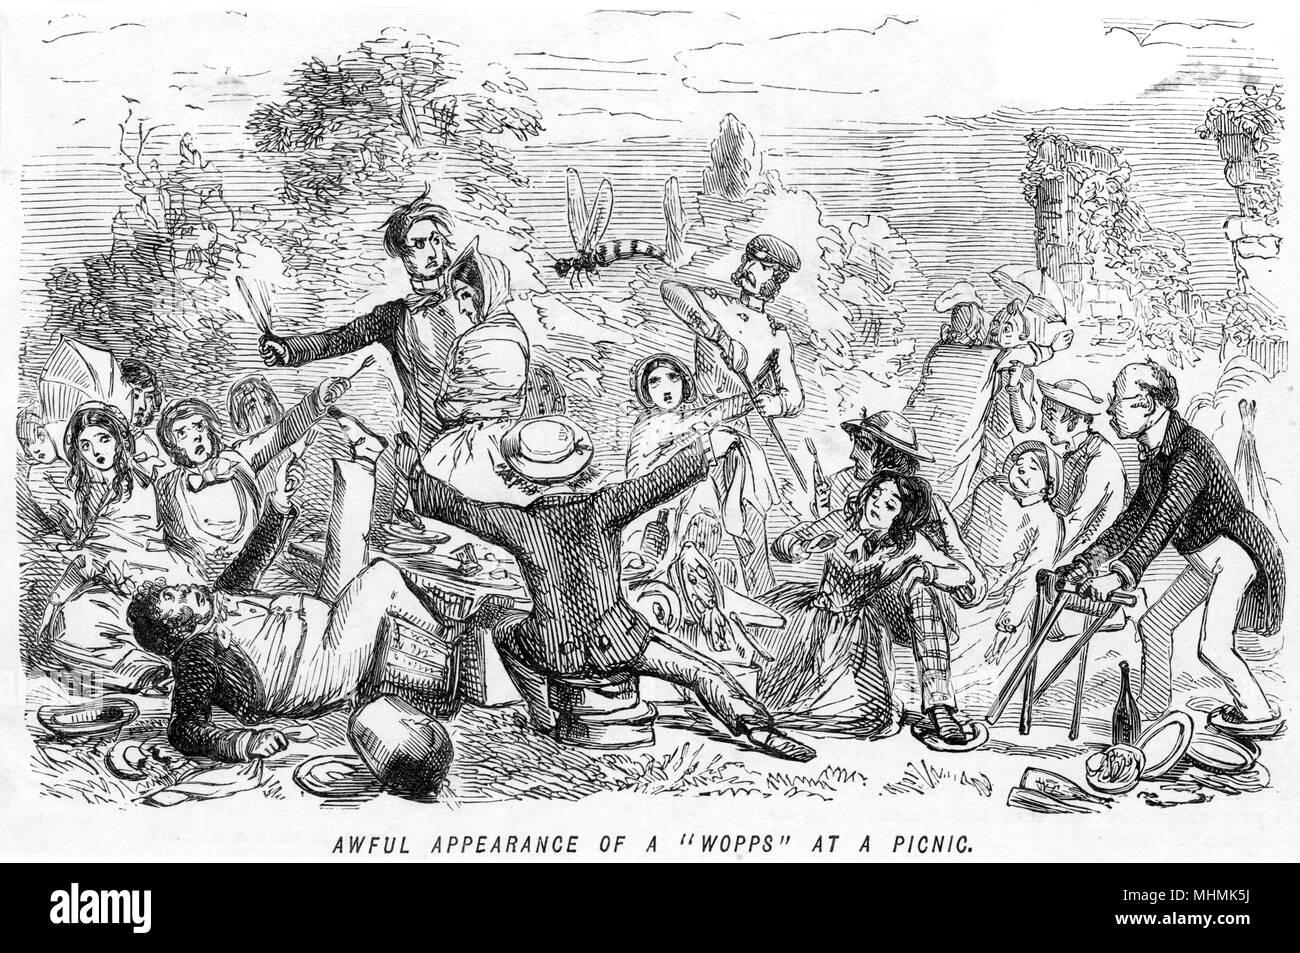 """""""Horrible aspecto de un """"wopps"""" en un picnic': picnic invitados están severamente molesta cuando una avispa bastante grande tiene un interés en su comida, uno de los peligros de comer al aire libre Fecha: circa 1840 Imagen De Stock"""